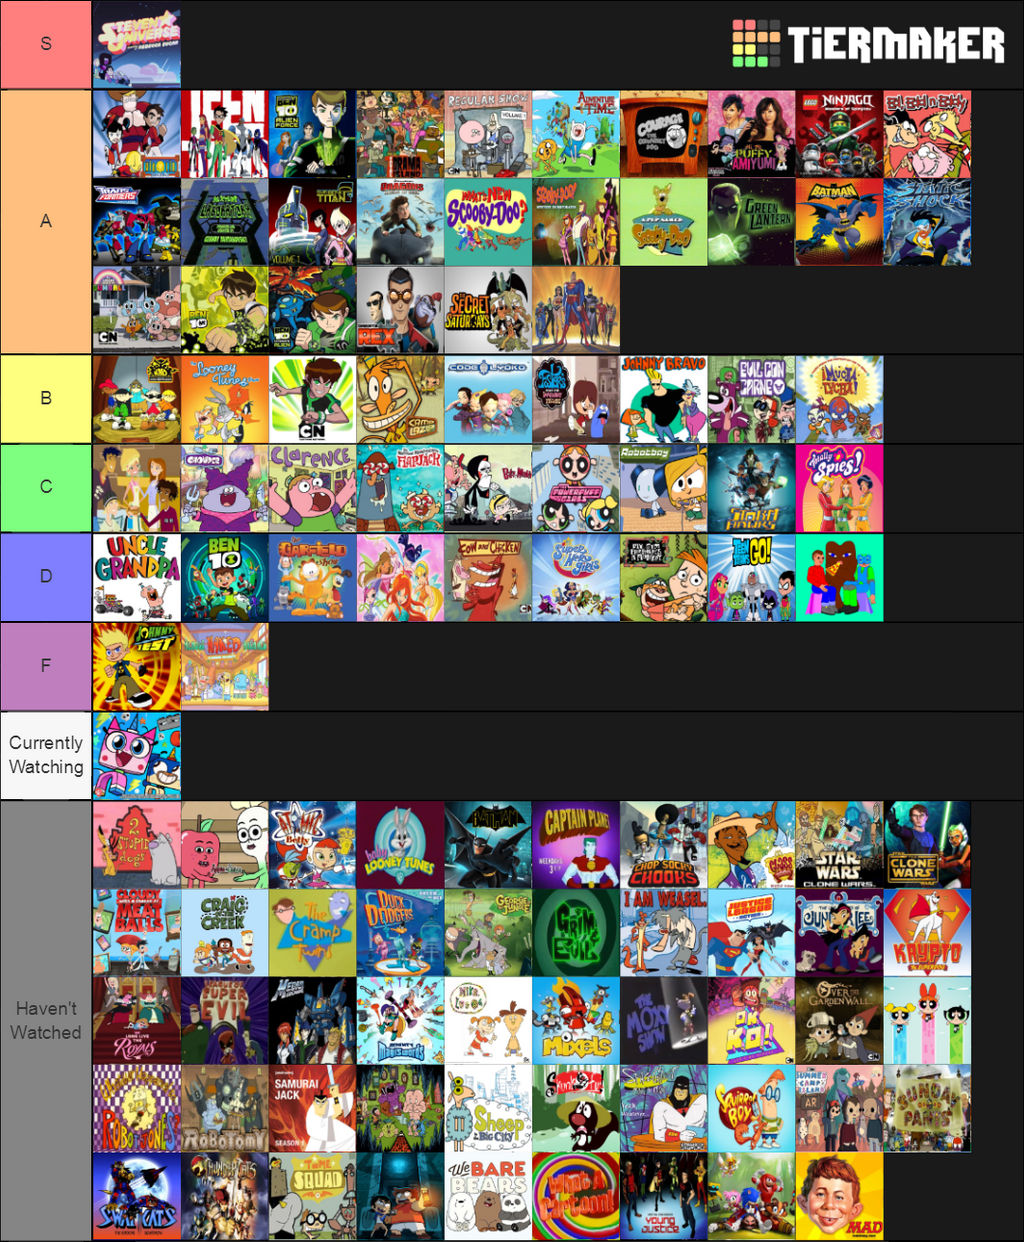 My Cartoon Network Tier List By Rainbine94 On Deviantart